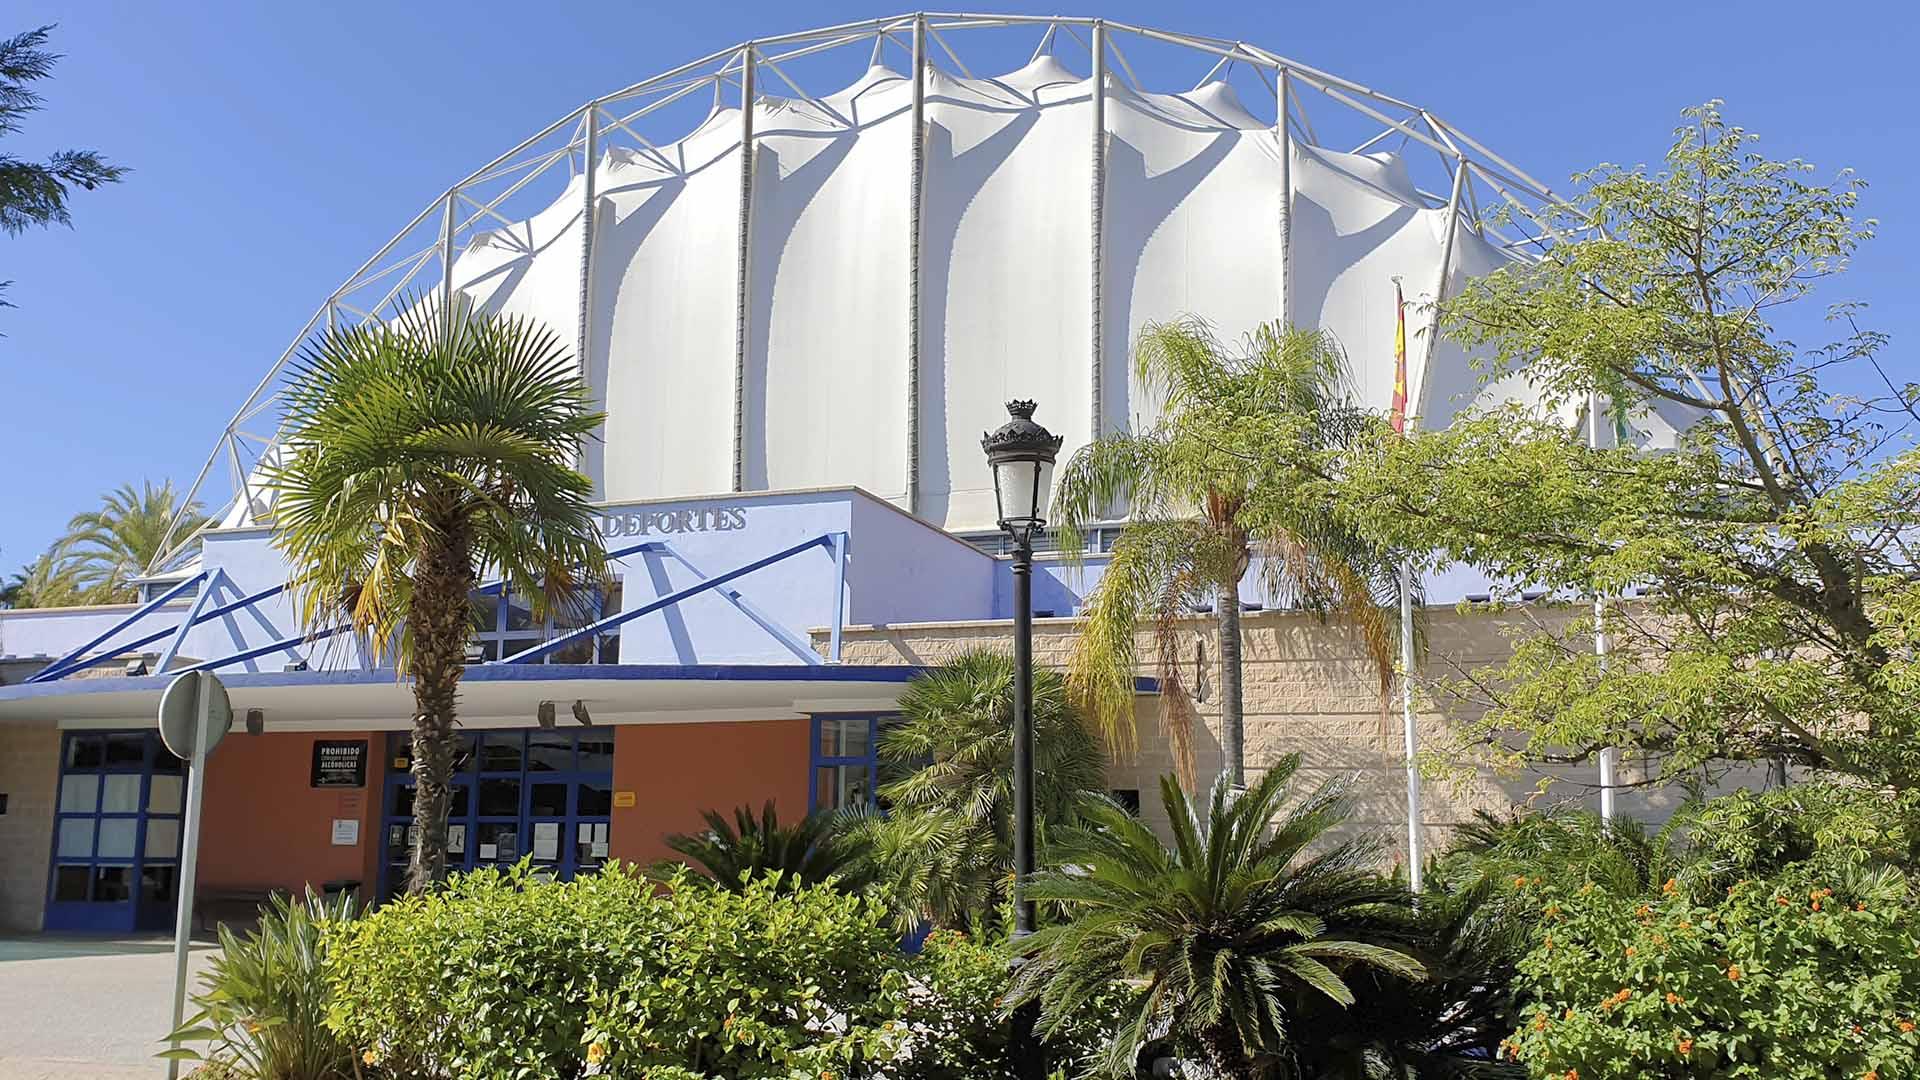 Desde el 19 de agosto podrán solicitarse las plazas para las actividades deportivas que ofrece el Ayuntamiento